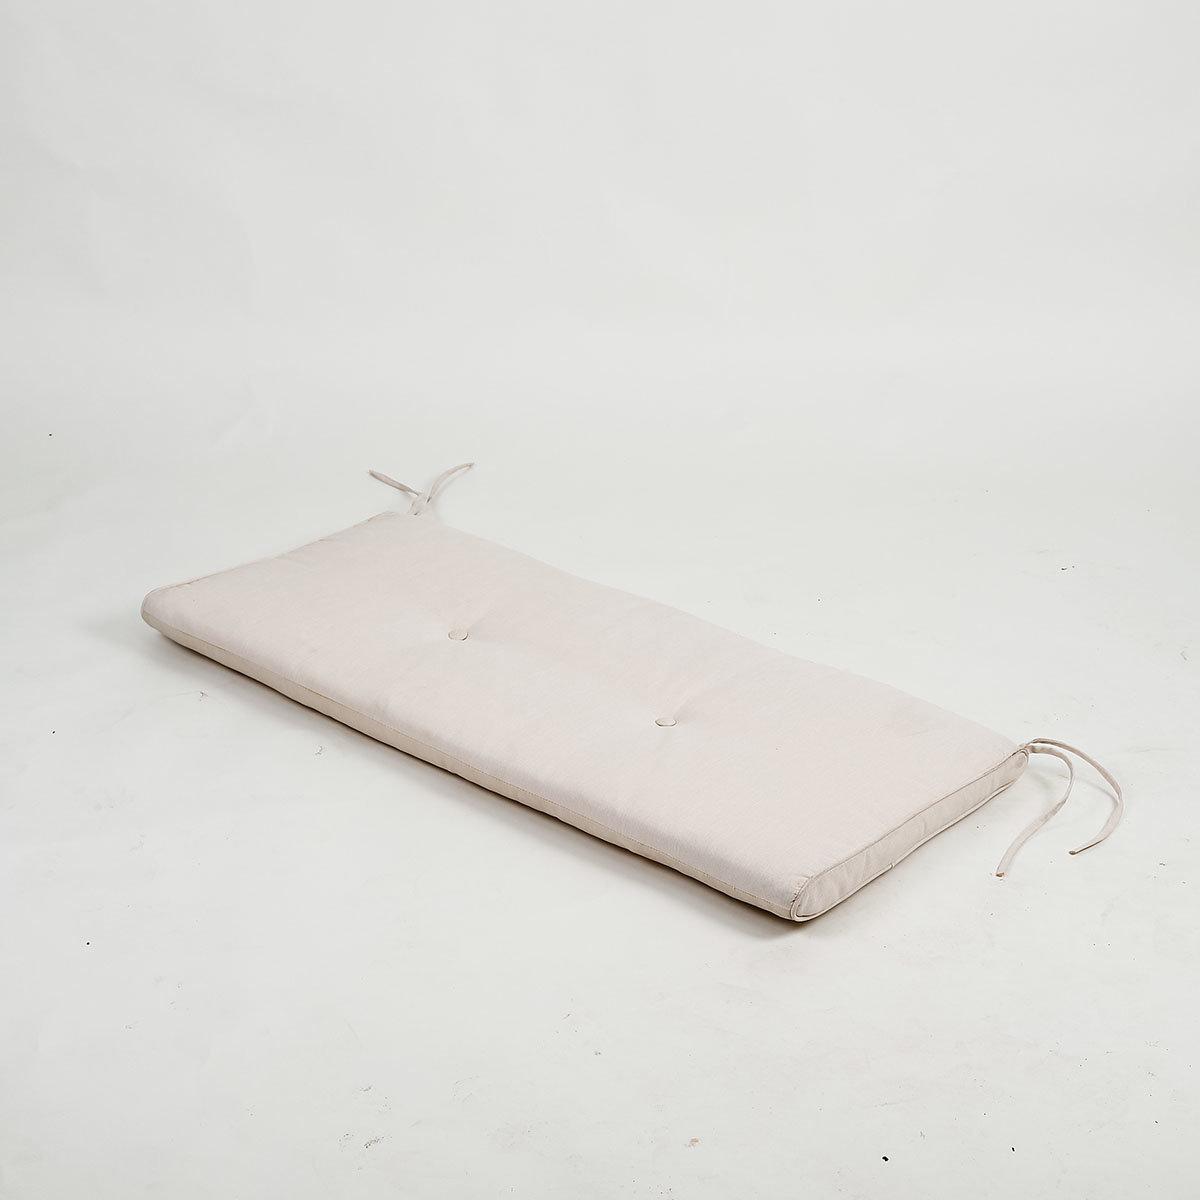 Sitzbank-Auflage 120 cm, creme